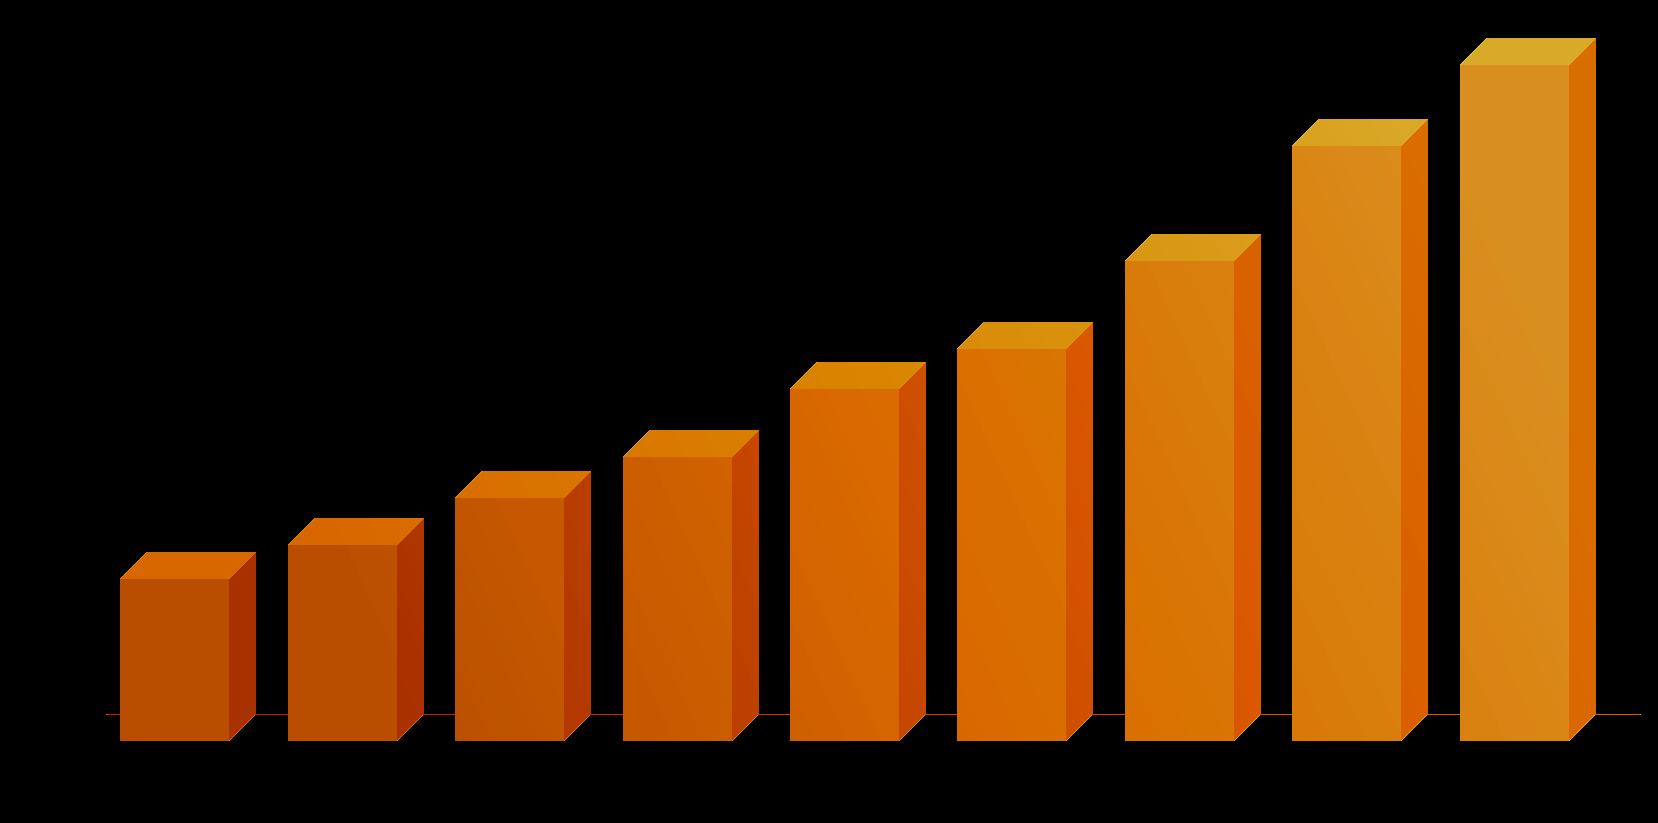 chart-2018